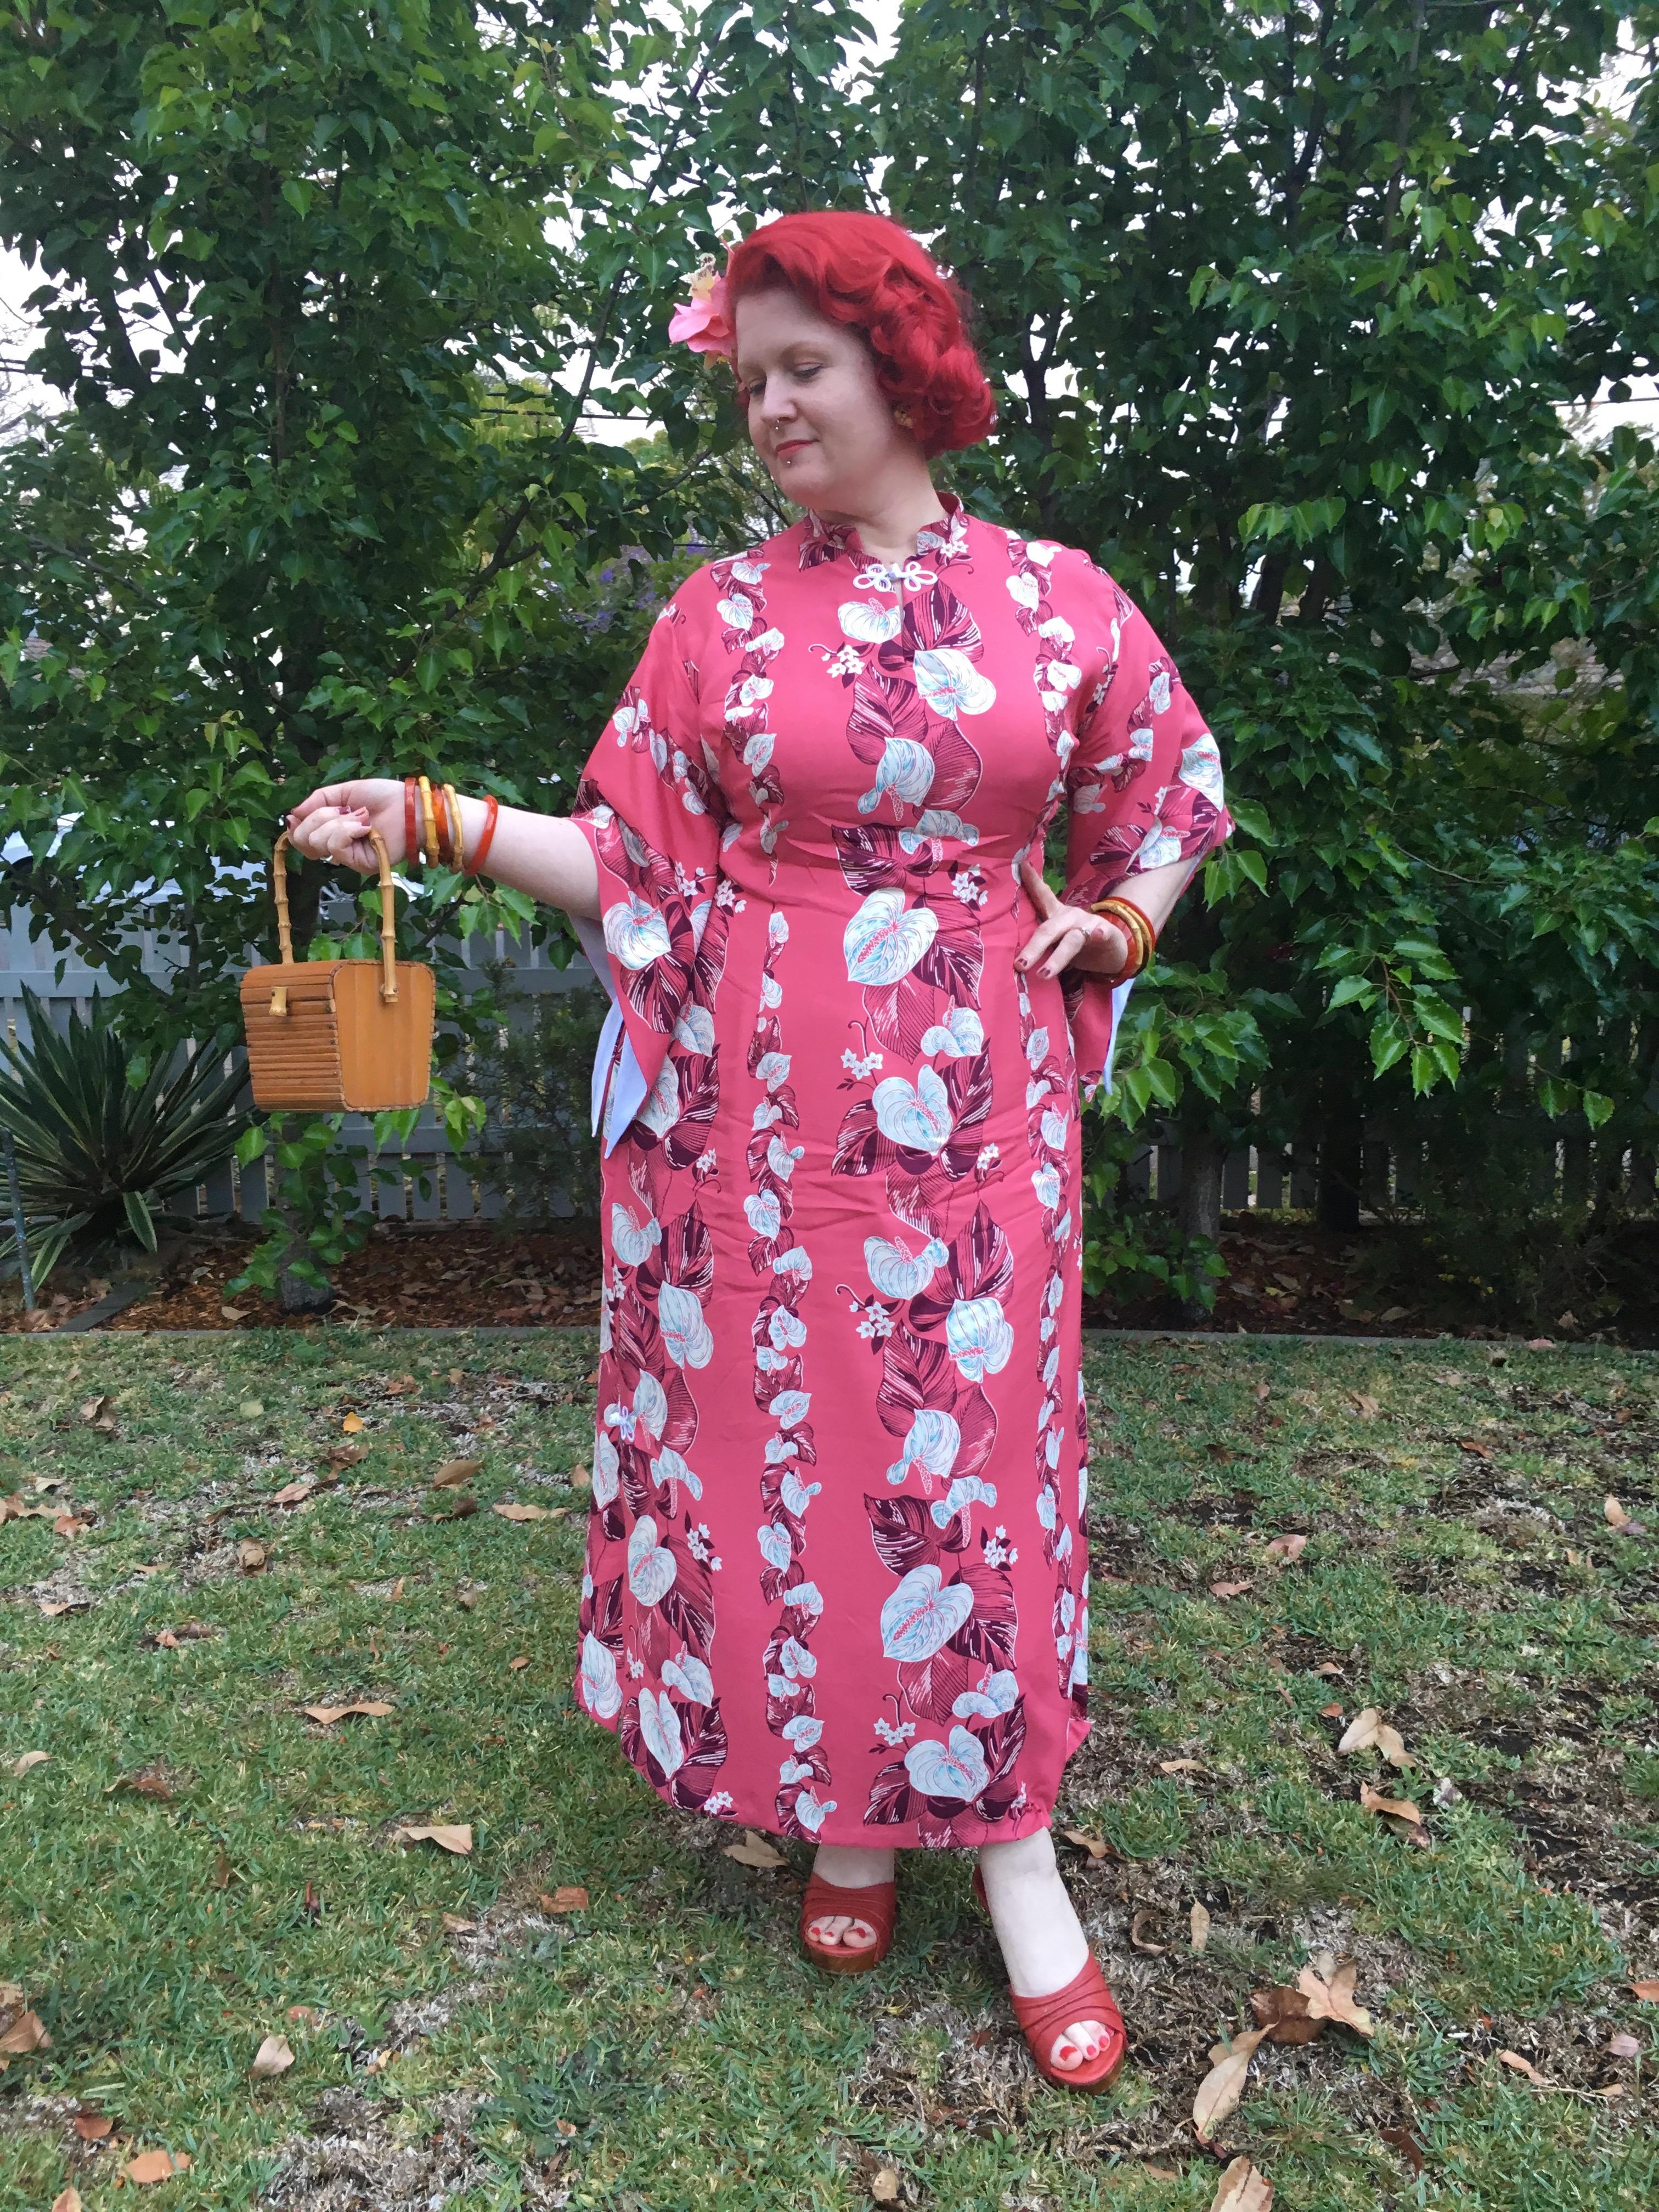 pake muu pakemuu hawaiian rayon vintage sewing pattern